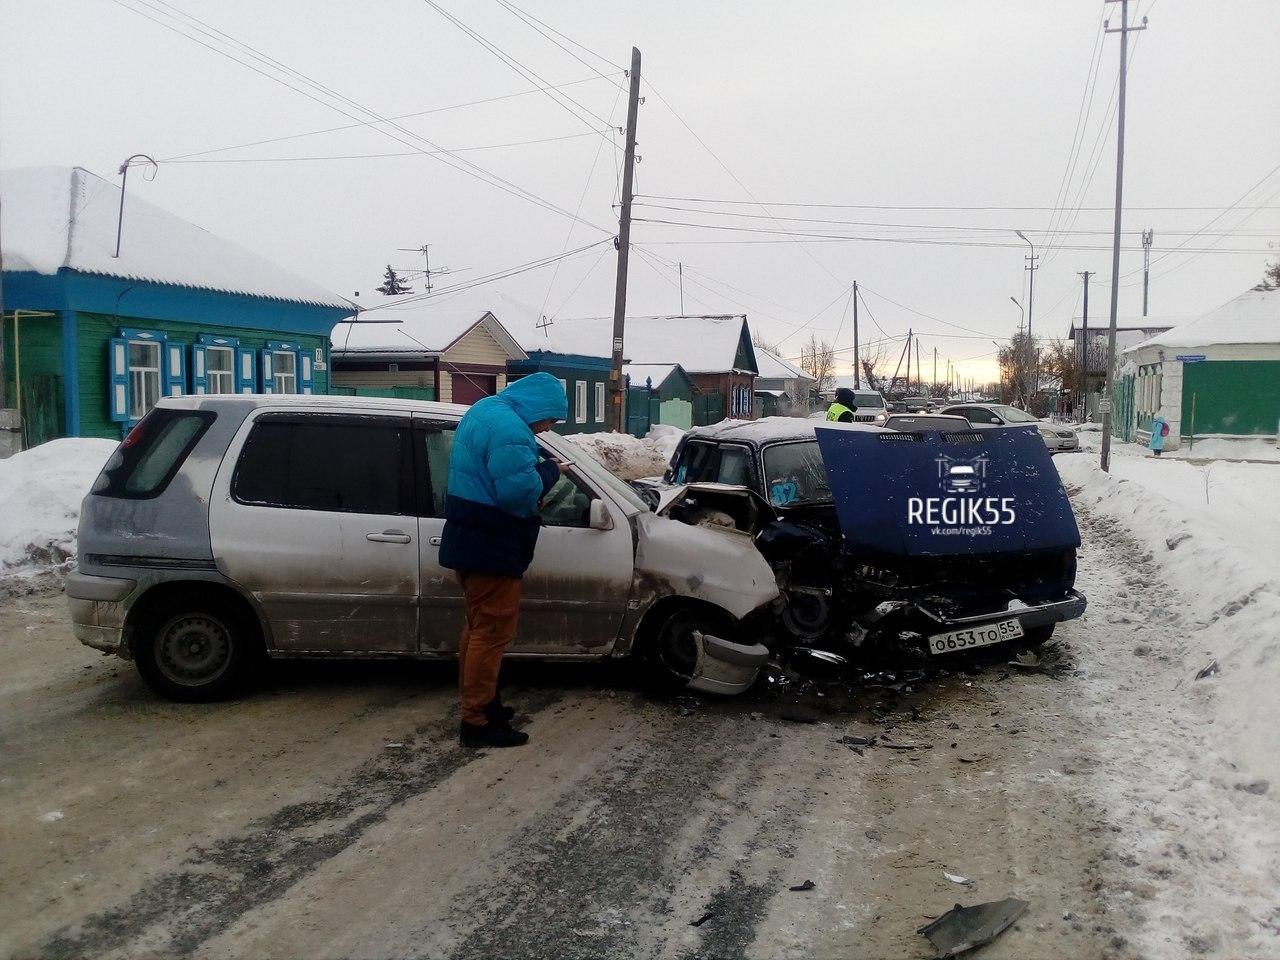 Молодой омич на «Тойоте» устроил аварию на улице Пугачева [ФОТО]